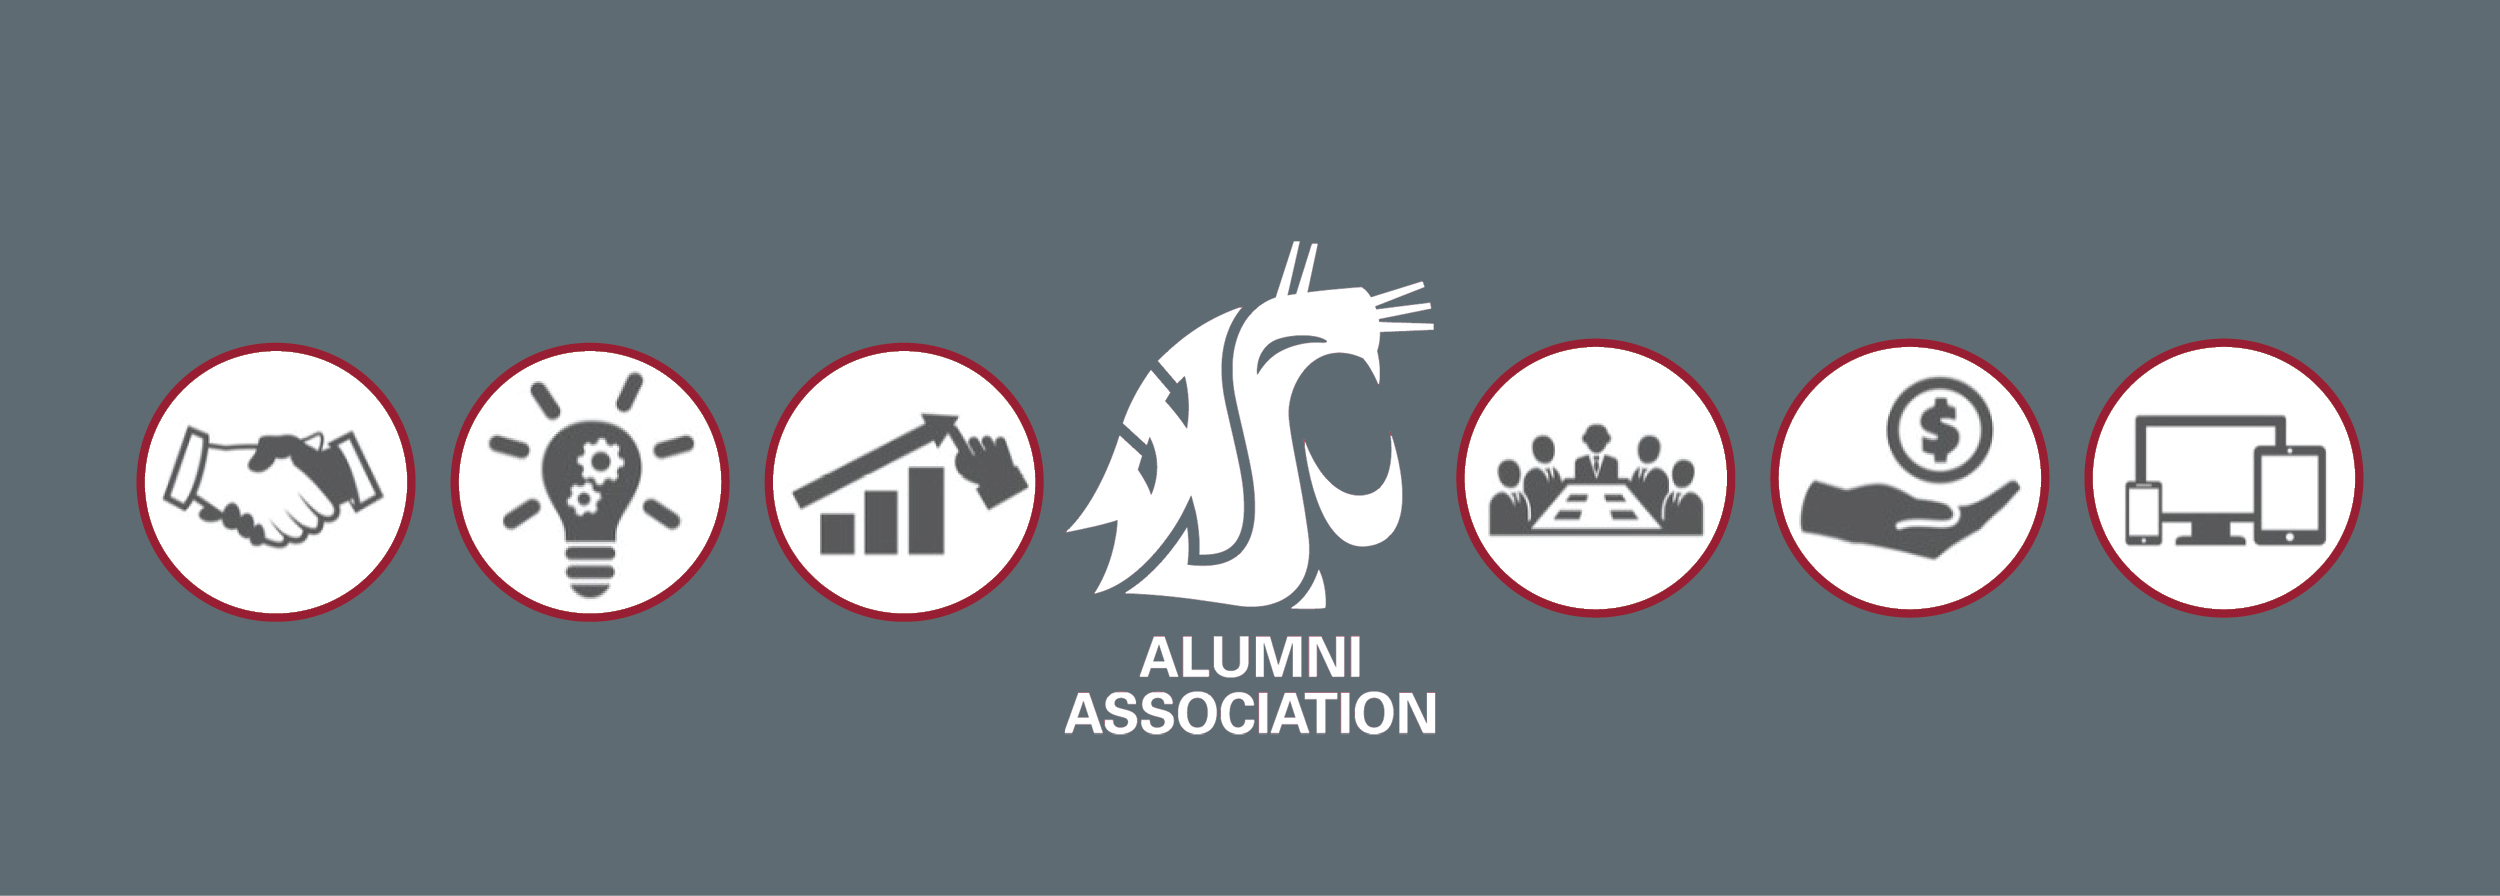 Image for Cougar Career Academy: Mindset Shifts in Crisis webinar